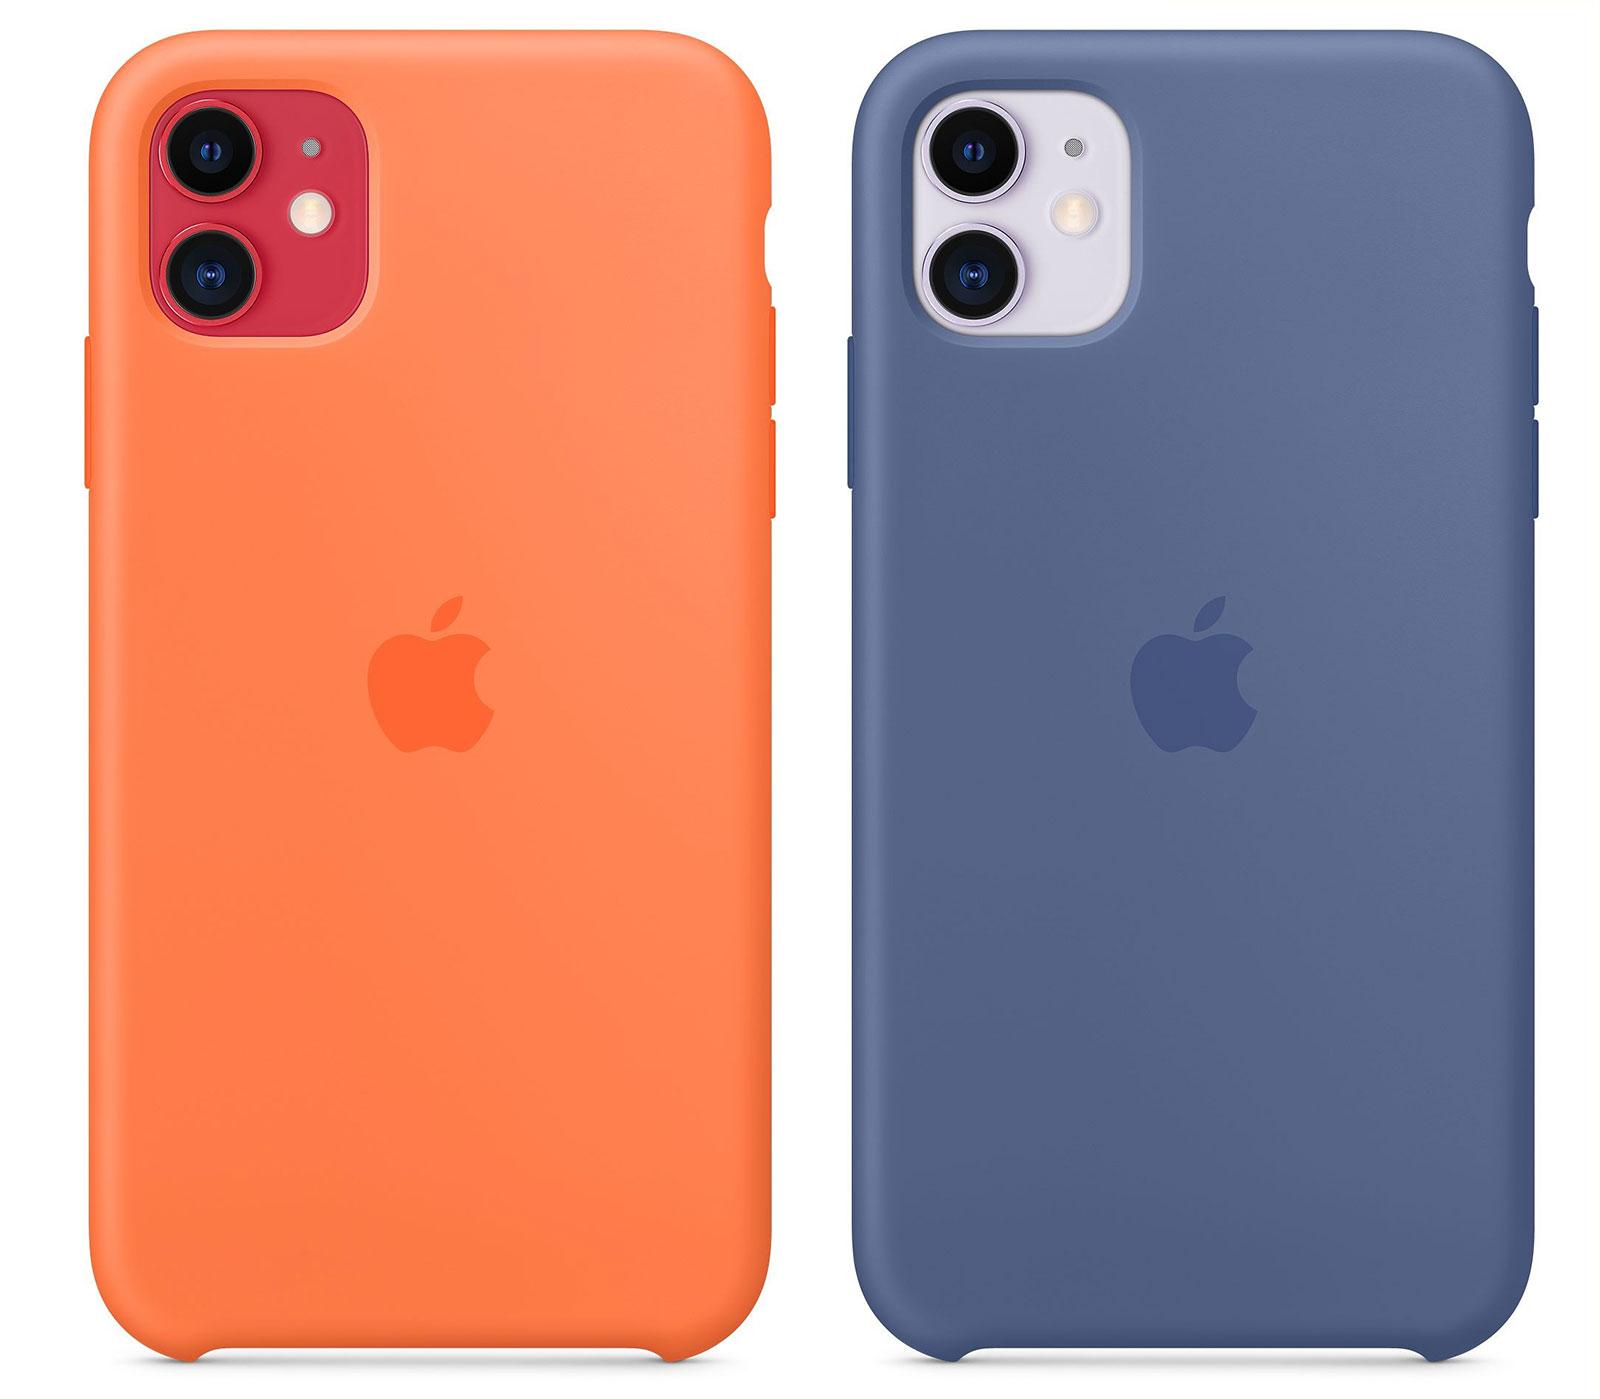 Funda de silicona de Apple en color vitamina c y azul lino